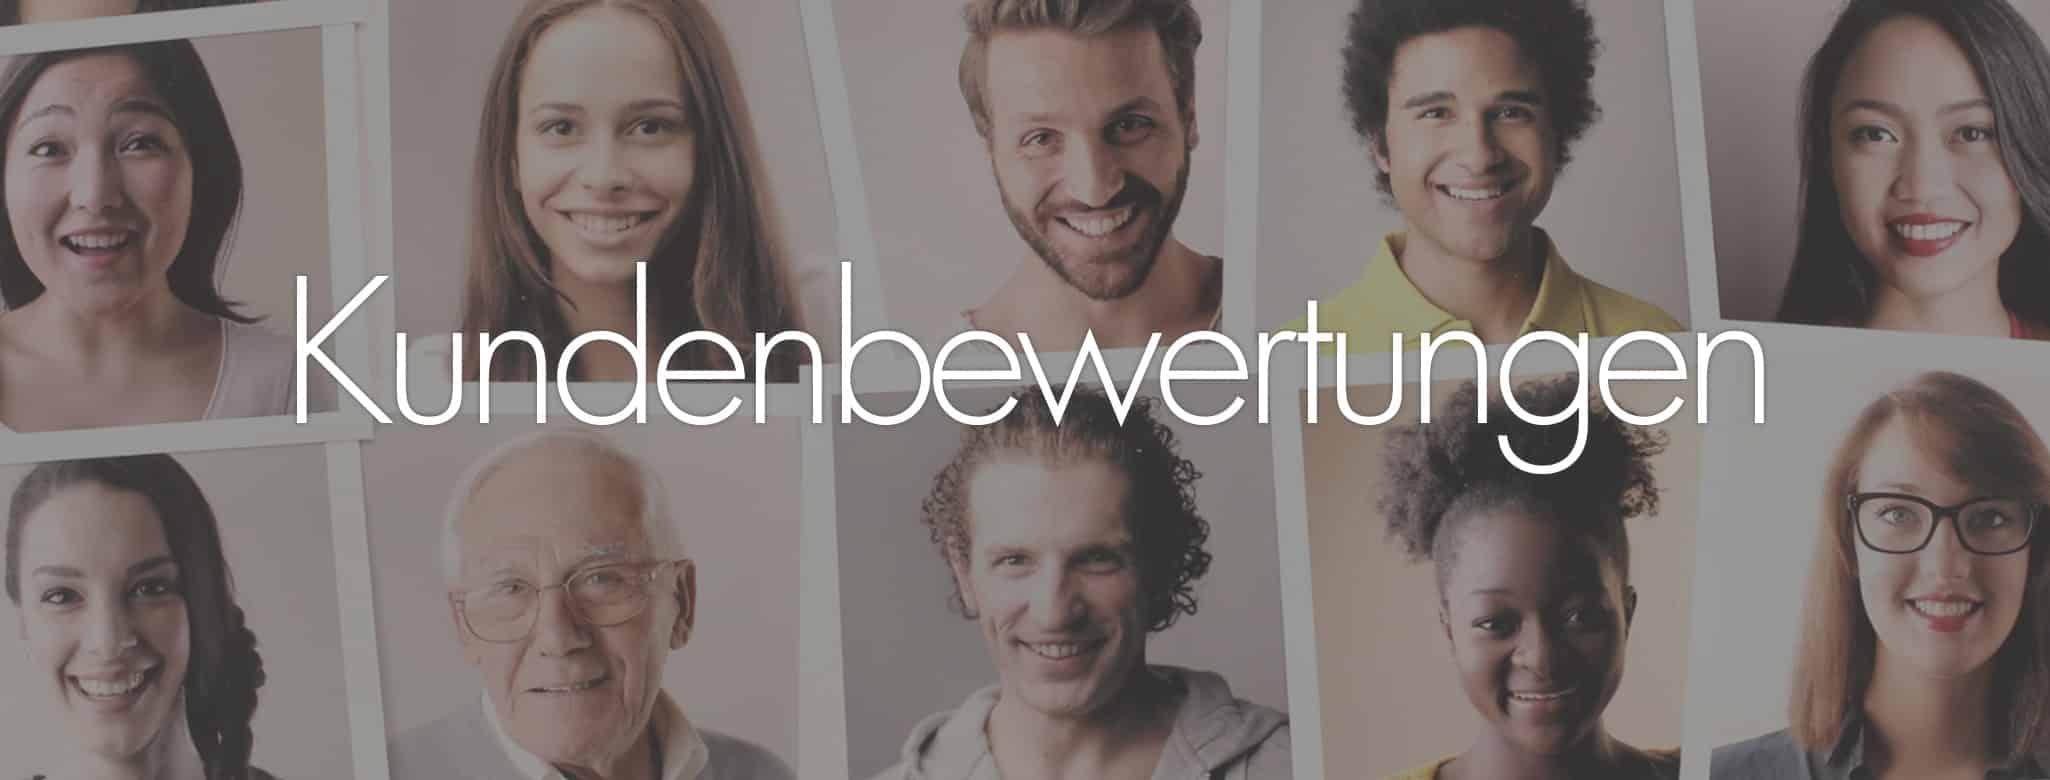 Kundenbewertungen - Bild von verschiedenen Personen, zusammengefasst